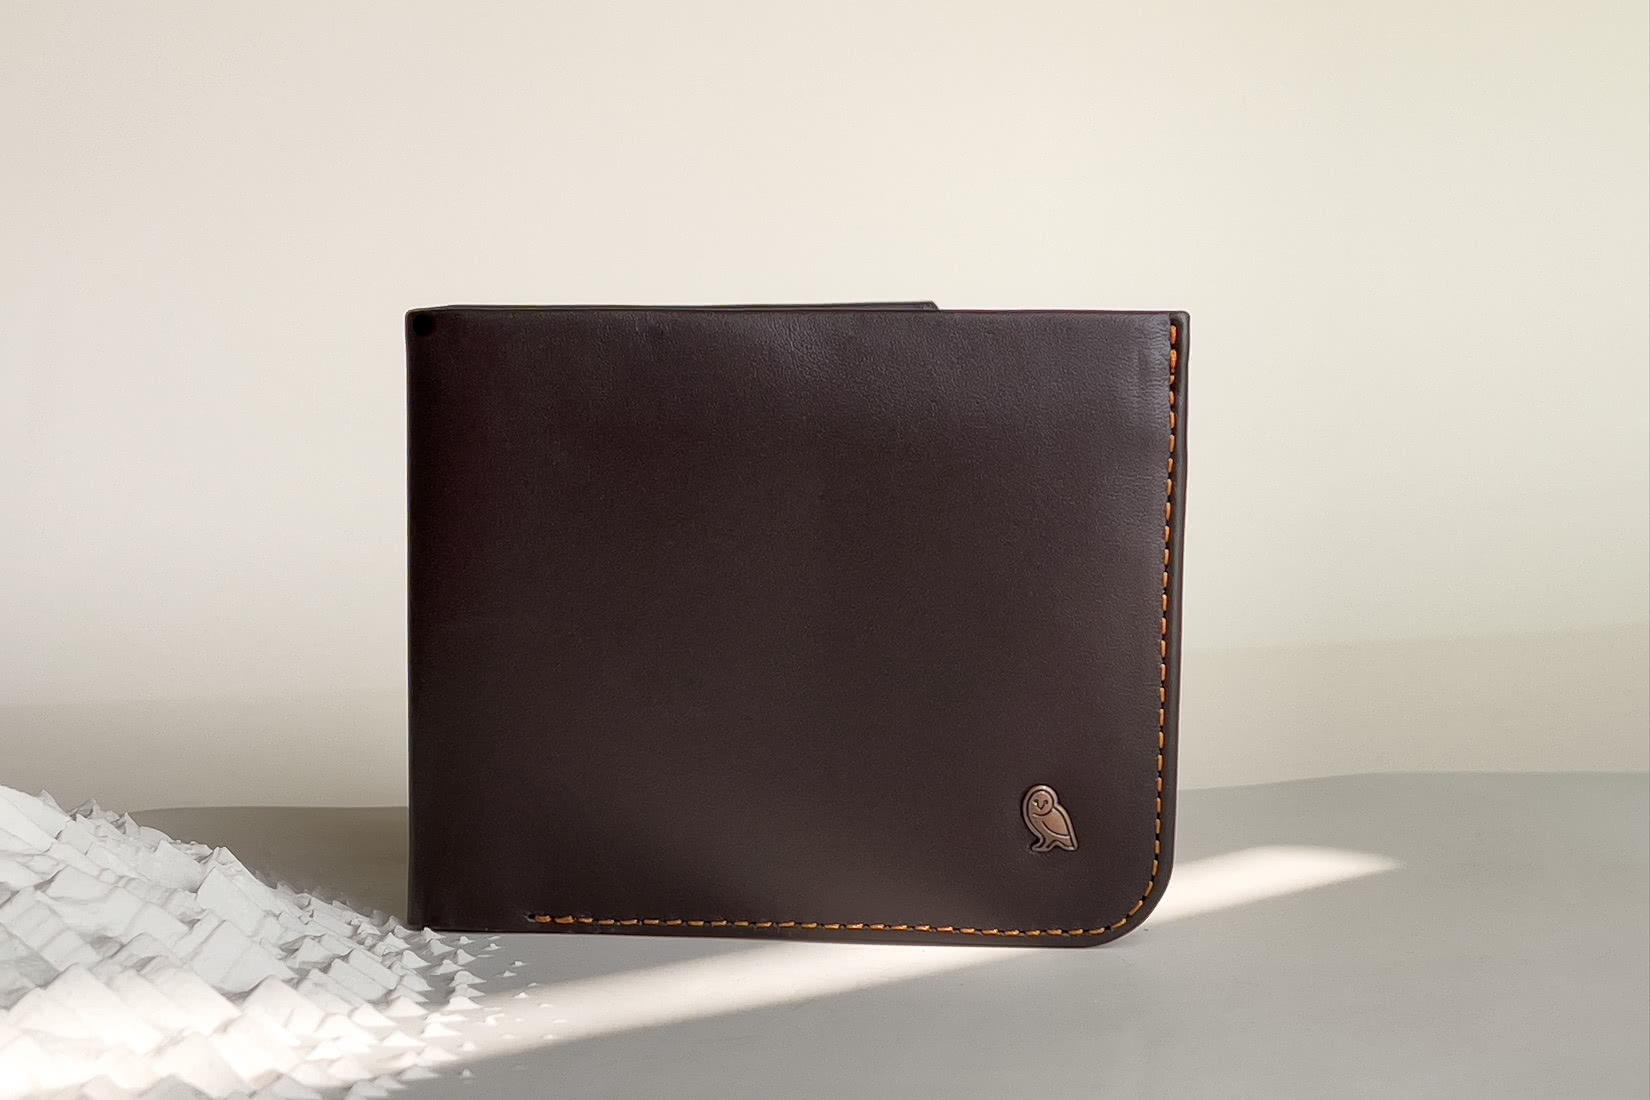 Bellroy hide and seek wallet review - Luxe Digital